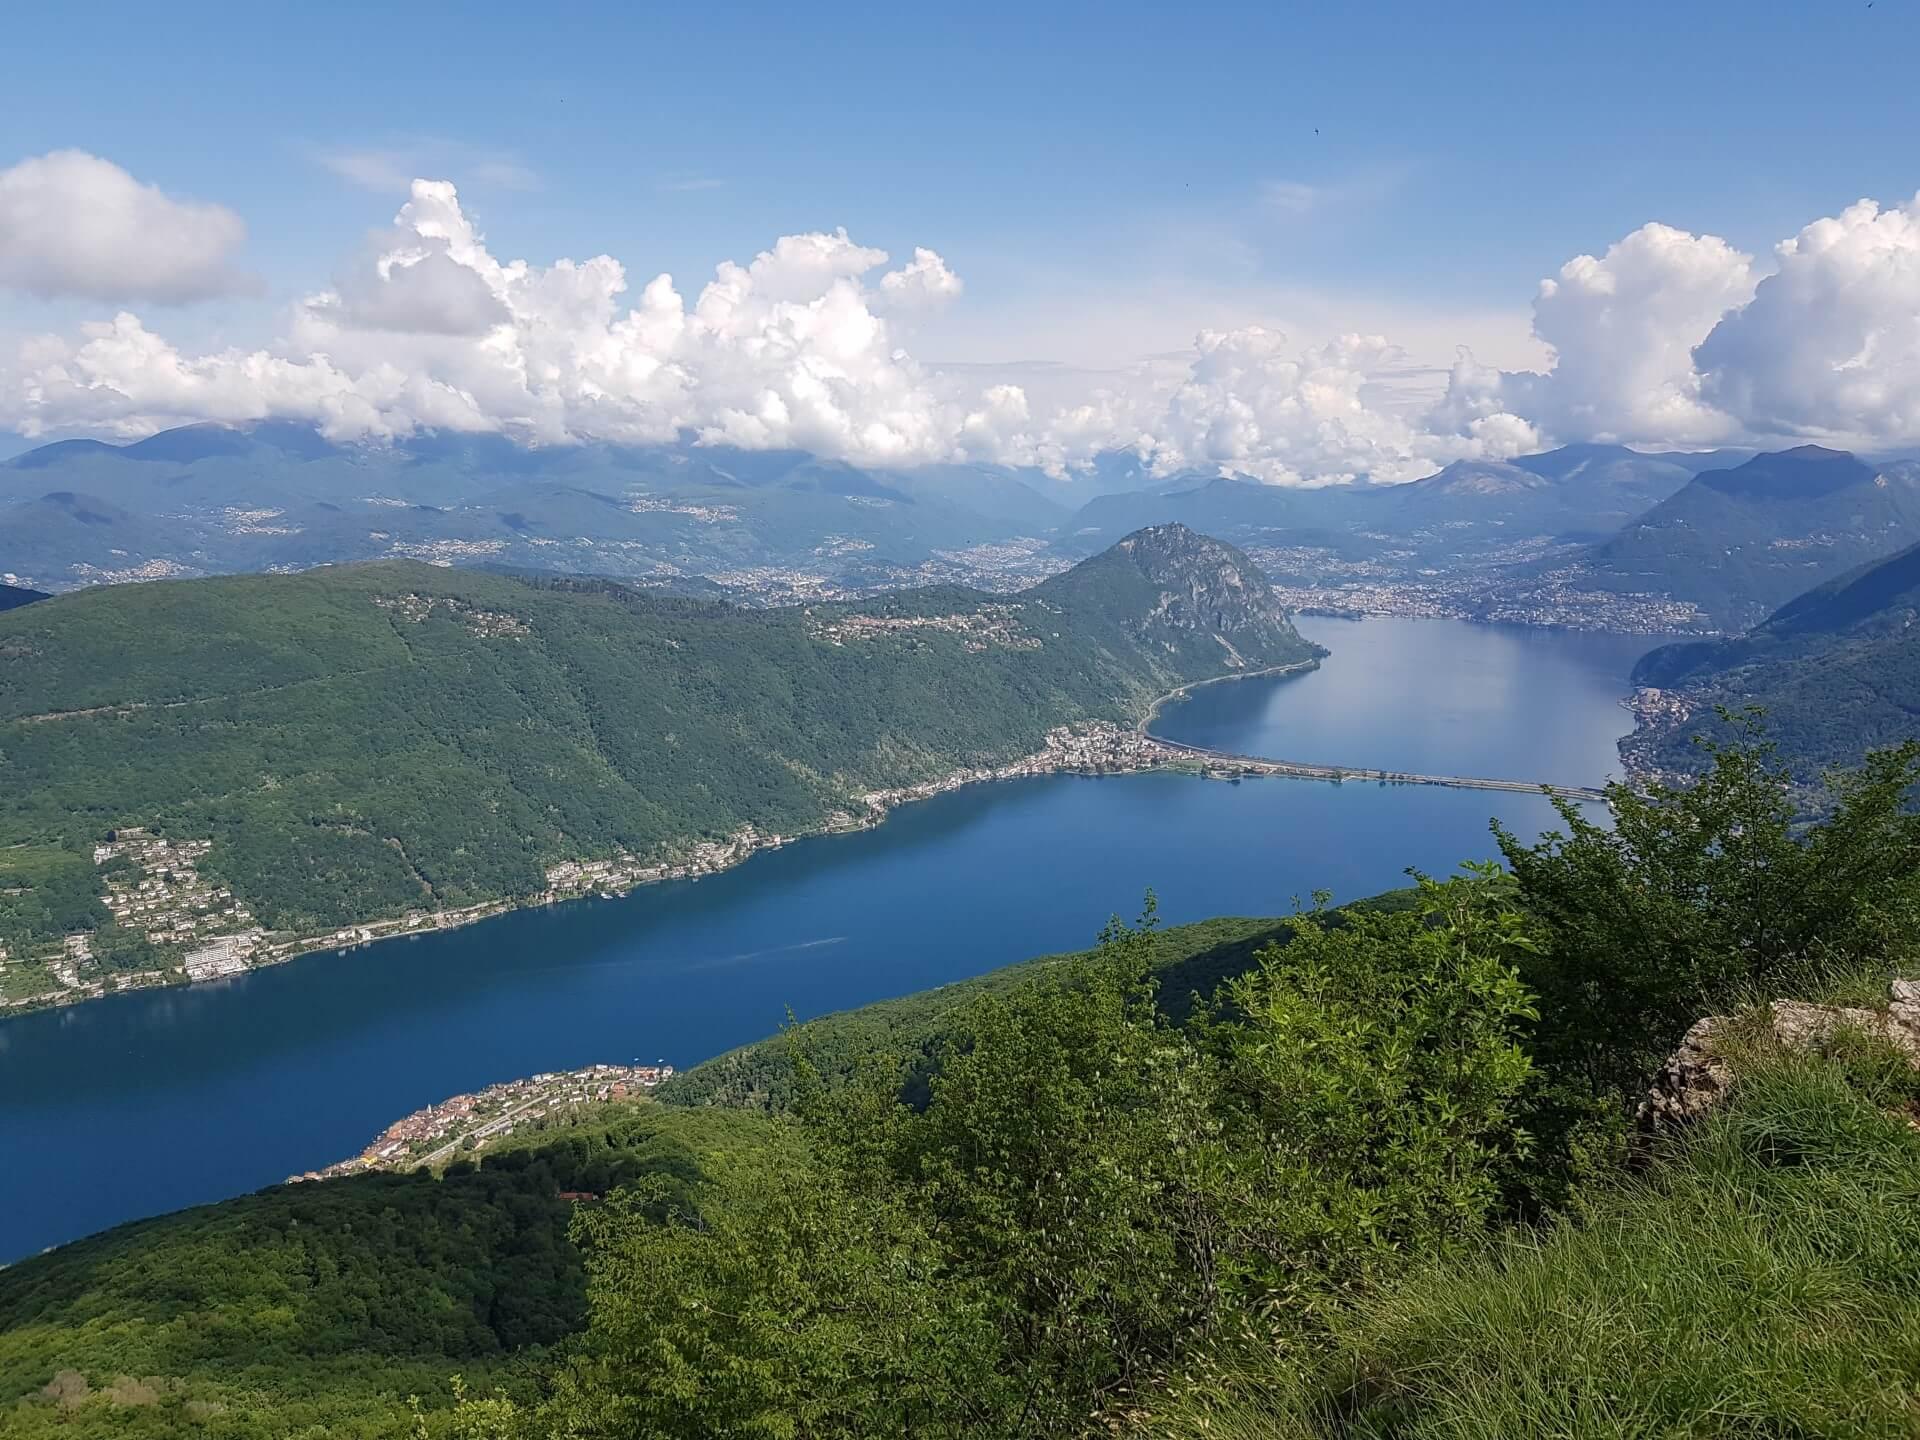 Dolceresio Lugano Lake B&B, Brusino Arsizio - Relax - Sport - Nature - Relax Sport Nature